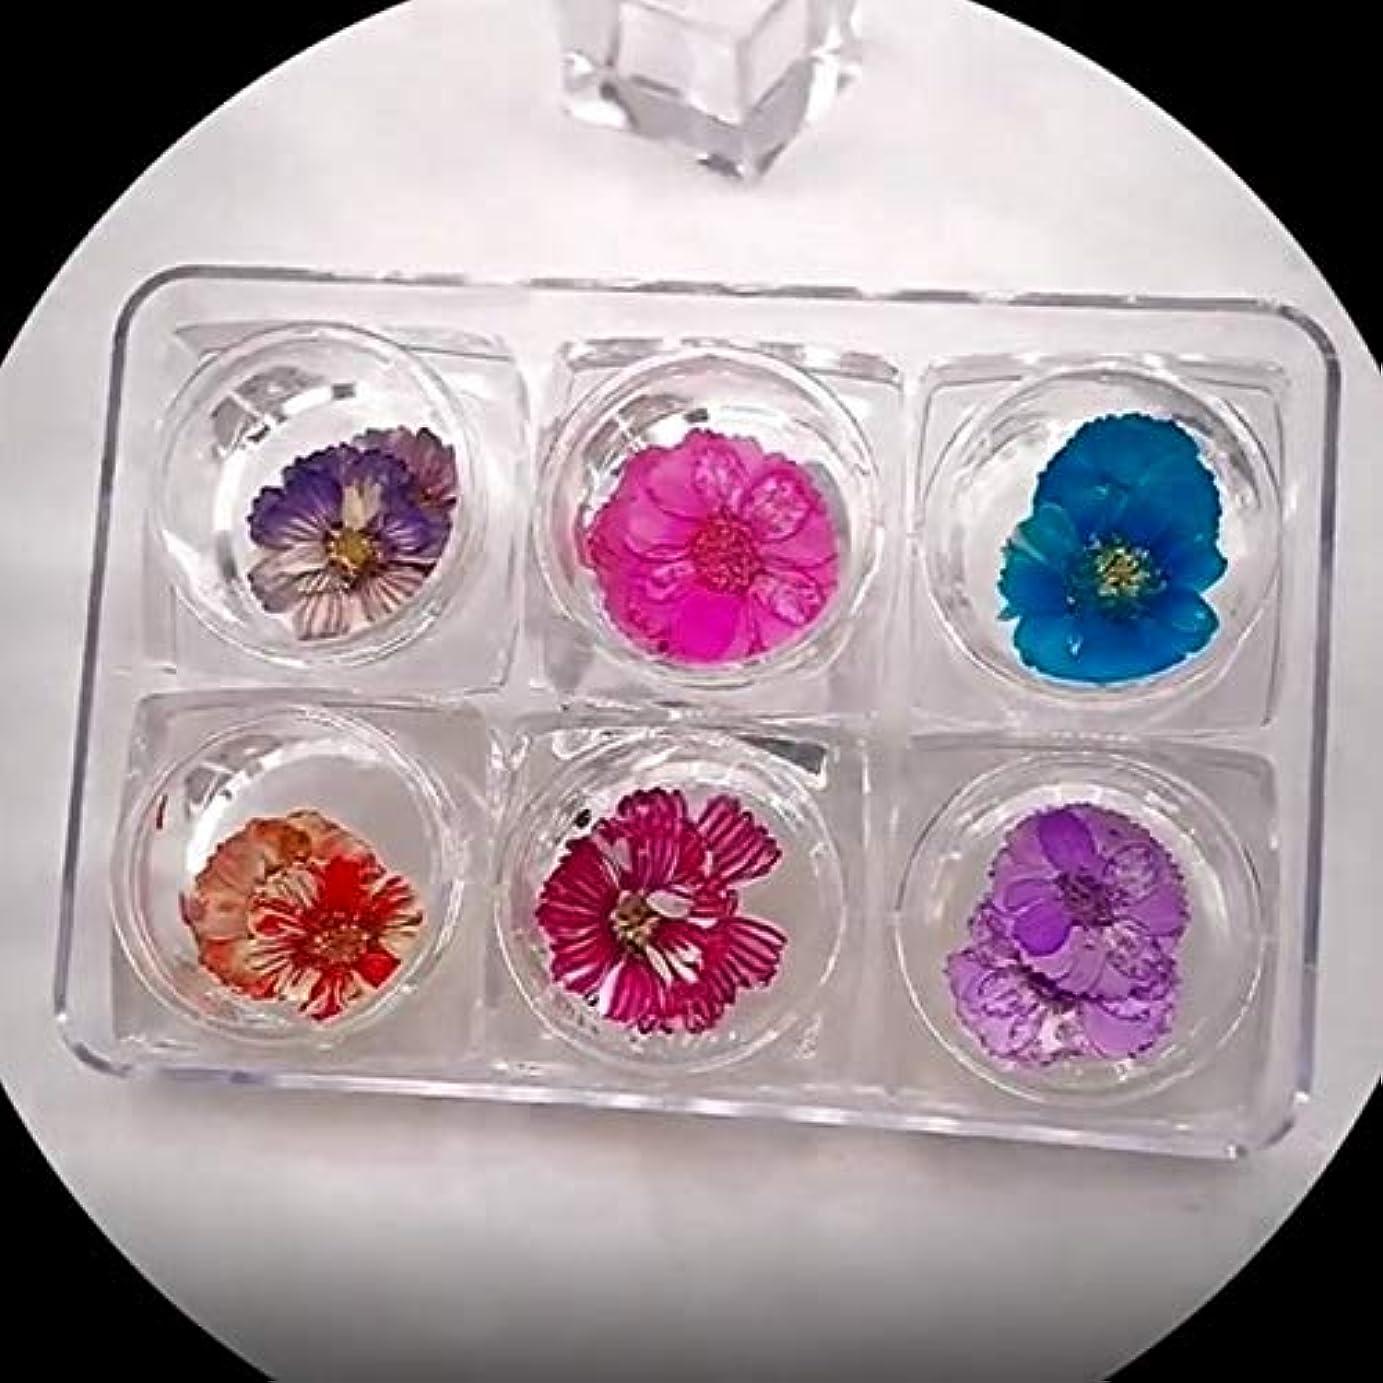 汗カンガルー二度サリーの店 新しい6色ネイルアートアップリケジュエリーセット日本の乾燥花の花びら永遠の花の結晶装飾(None Picture Color)